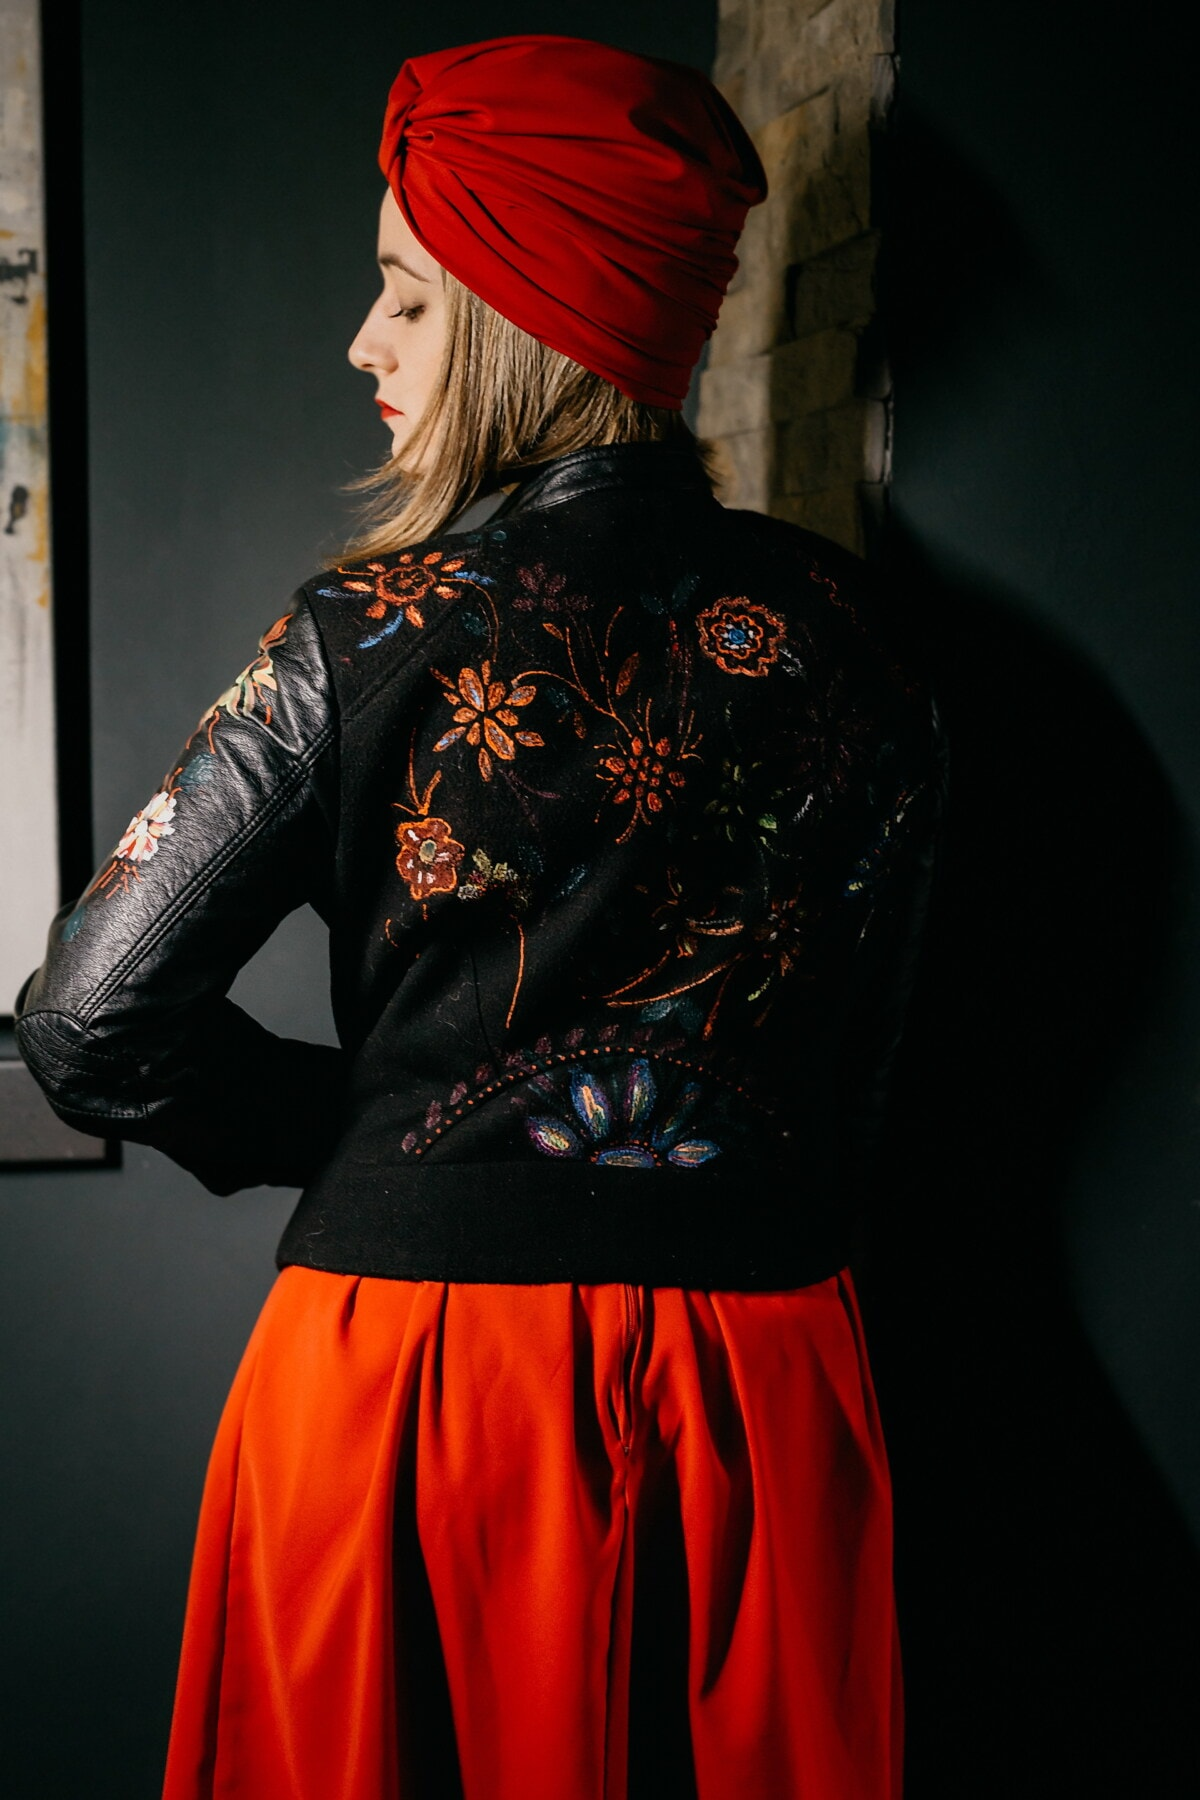 capelli biondi, bellissima, ragazza, moda, alla moda, nero, in pelle, giacca, freestyle, rosso